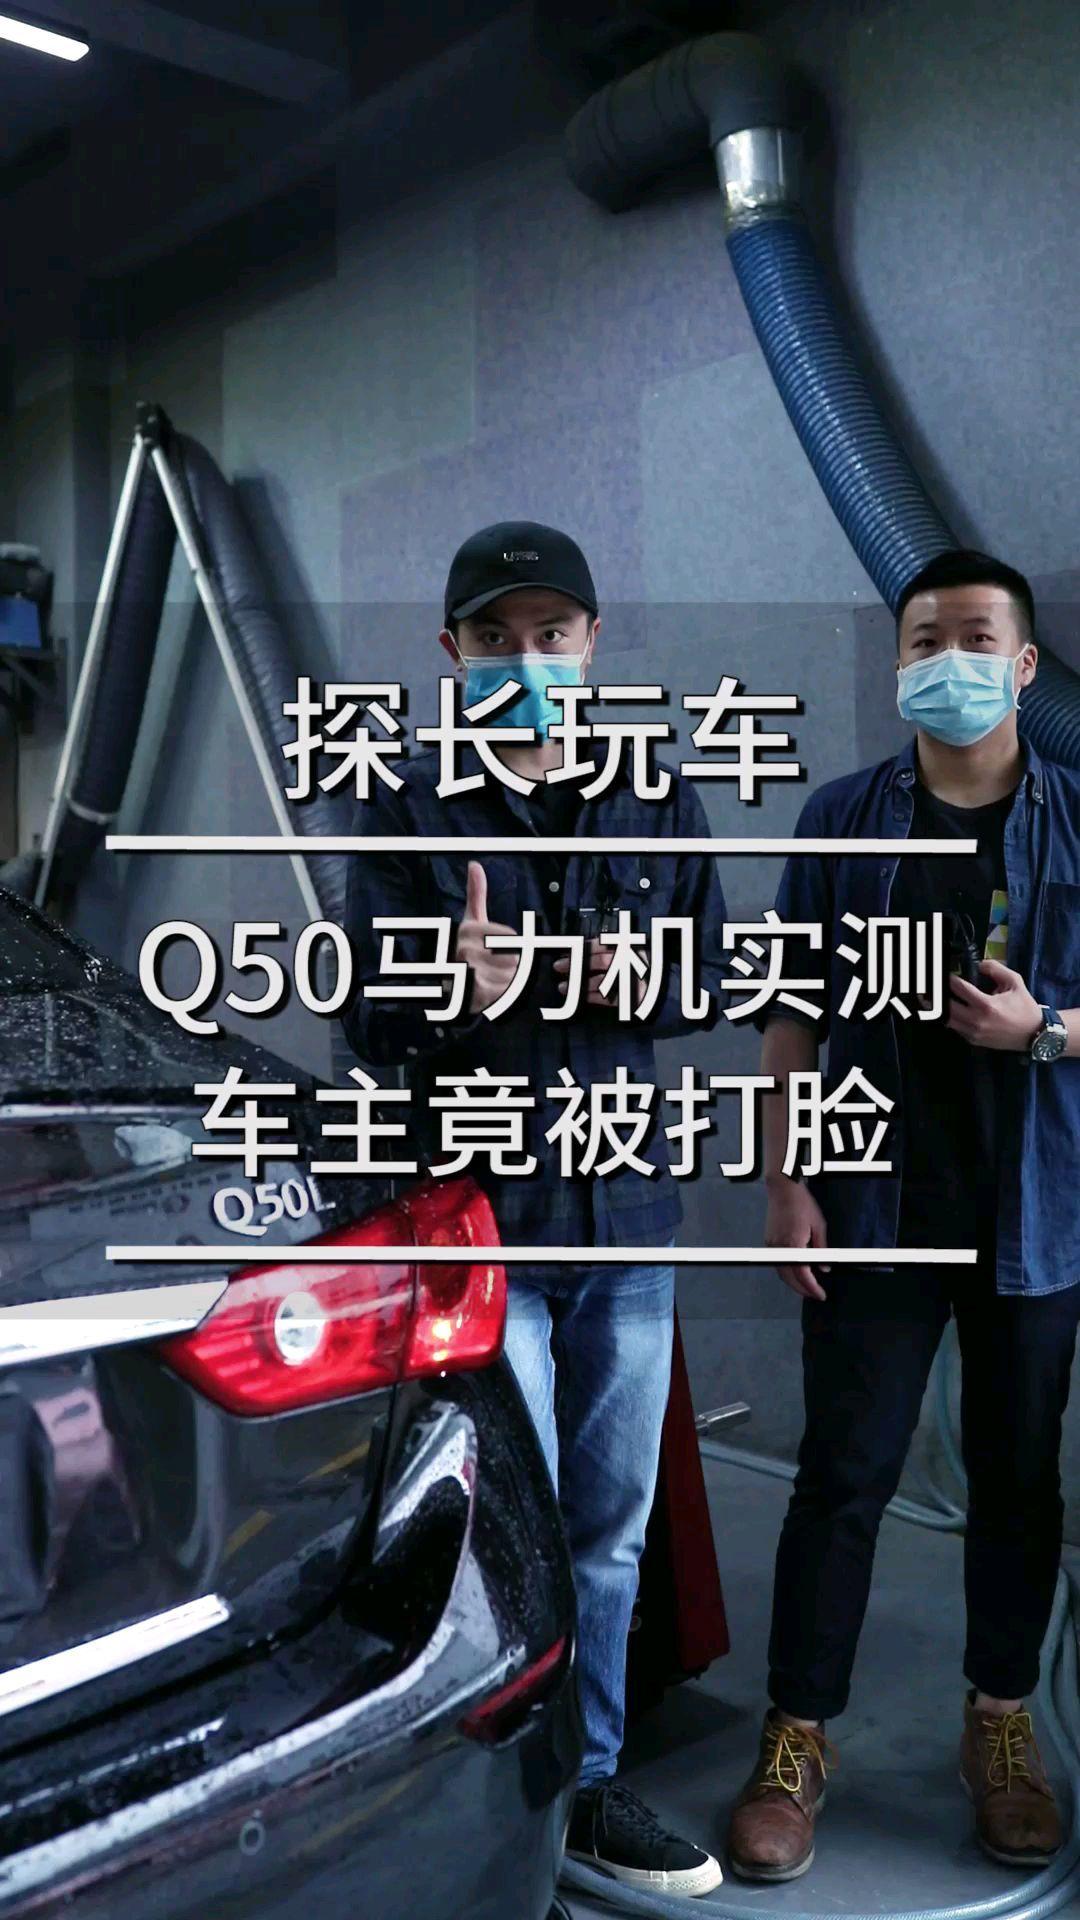 Q50马力机实测 车主竟被打脸